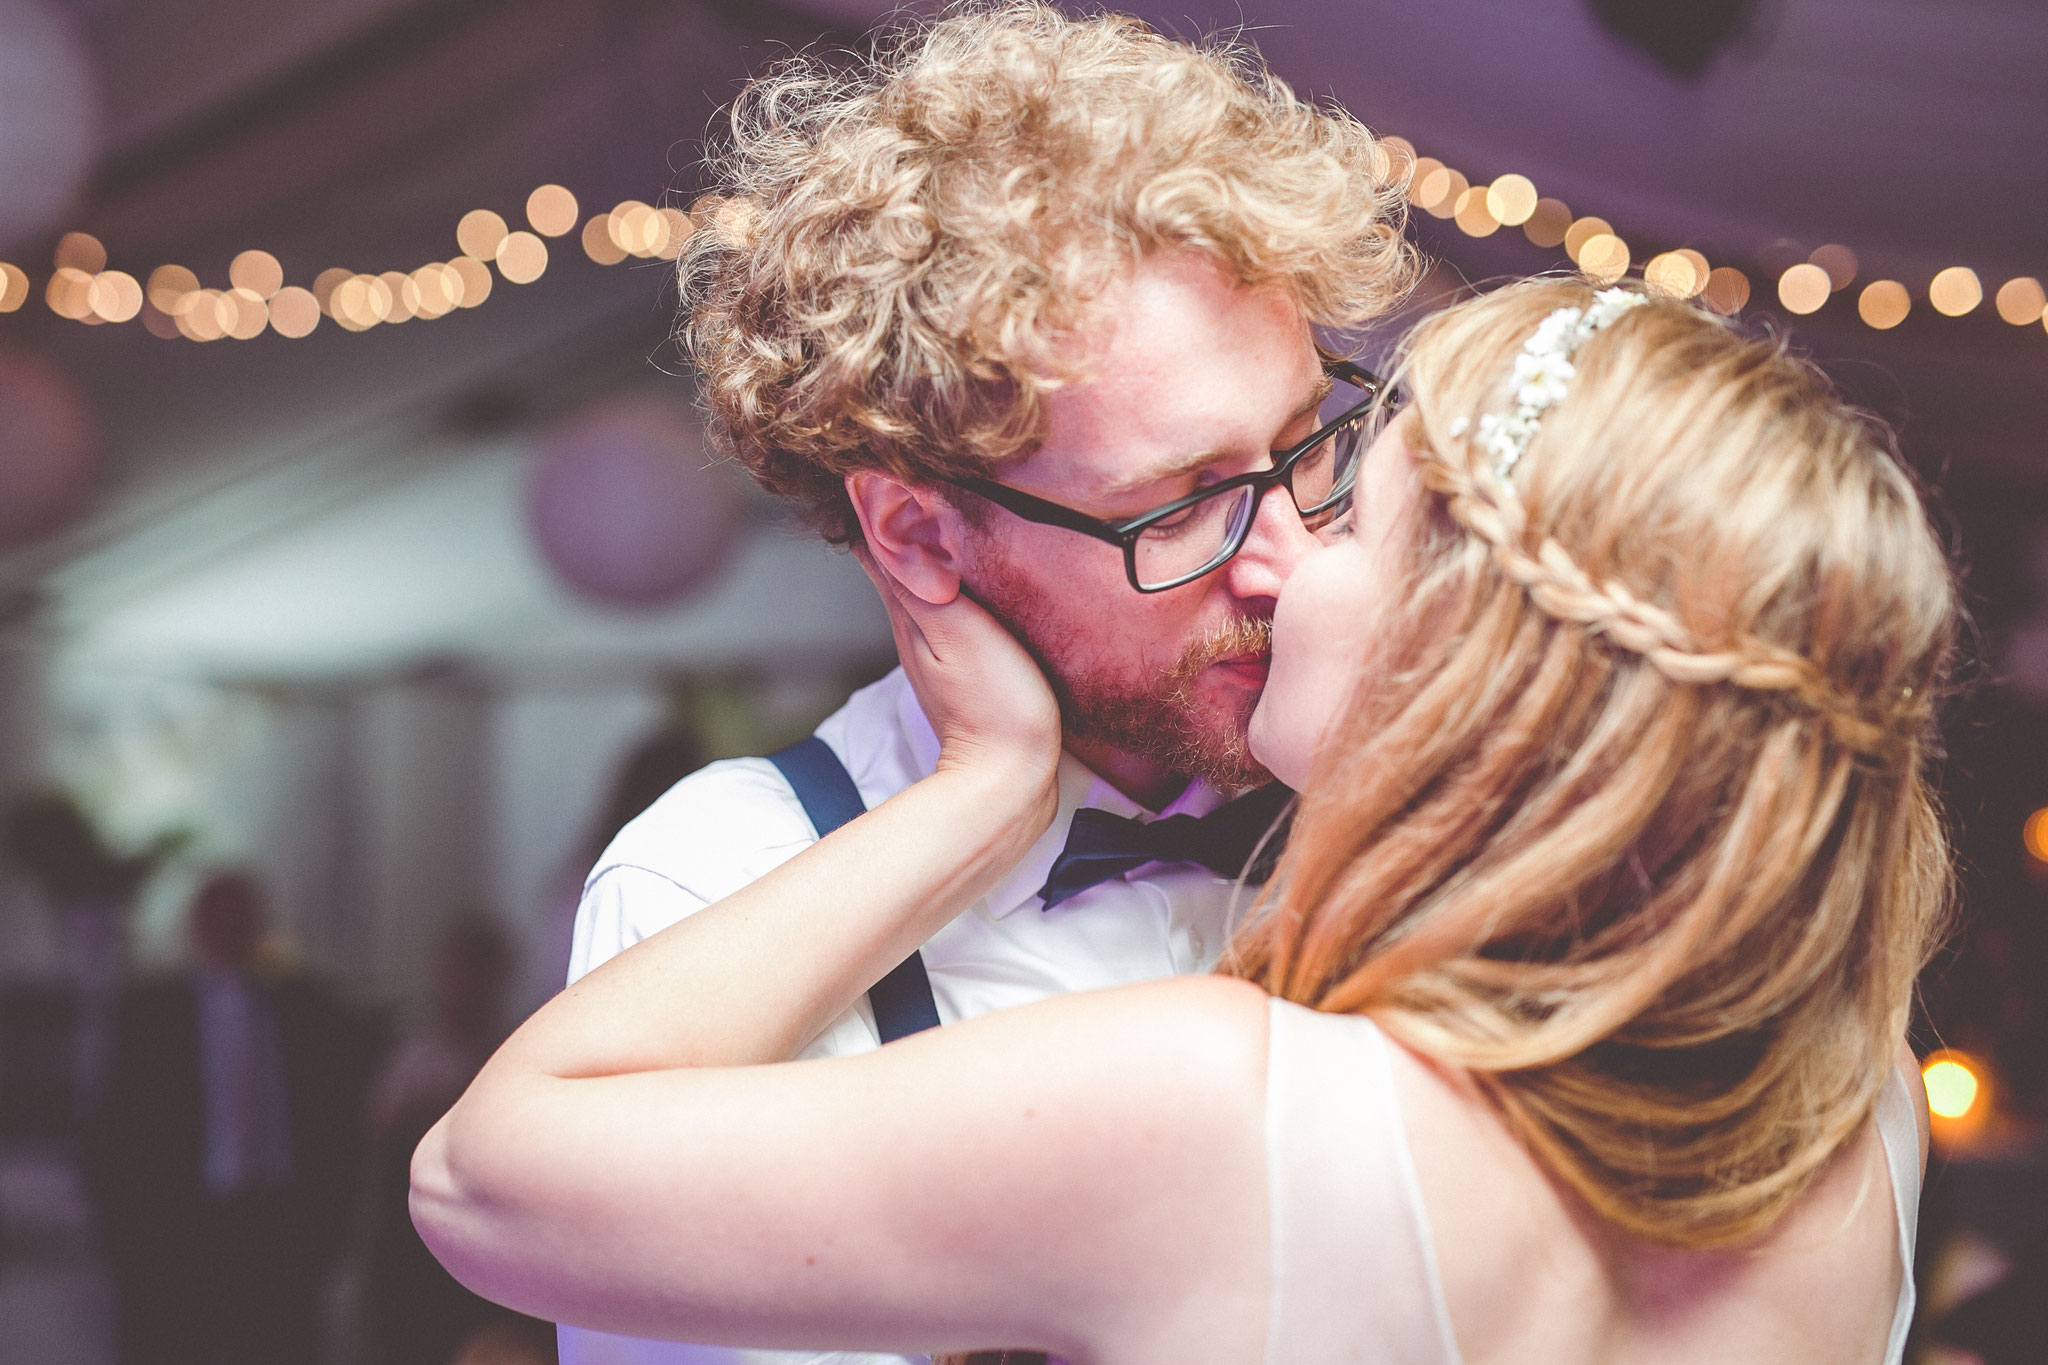 kirchliche Trauung | Hochzeitsfotografin Rebecca Adloff Ruhrgebiet, Münster, Essen, Düsseldorf, NRW, Oberhausen |Hochzeitsreportage |Hochzeitsfotos | Paarshooting |Blumenkranz |